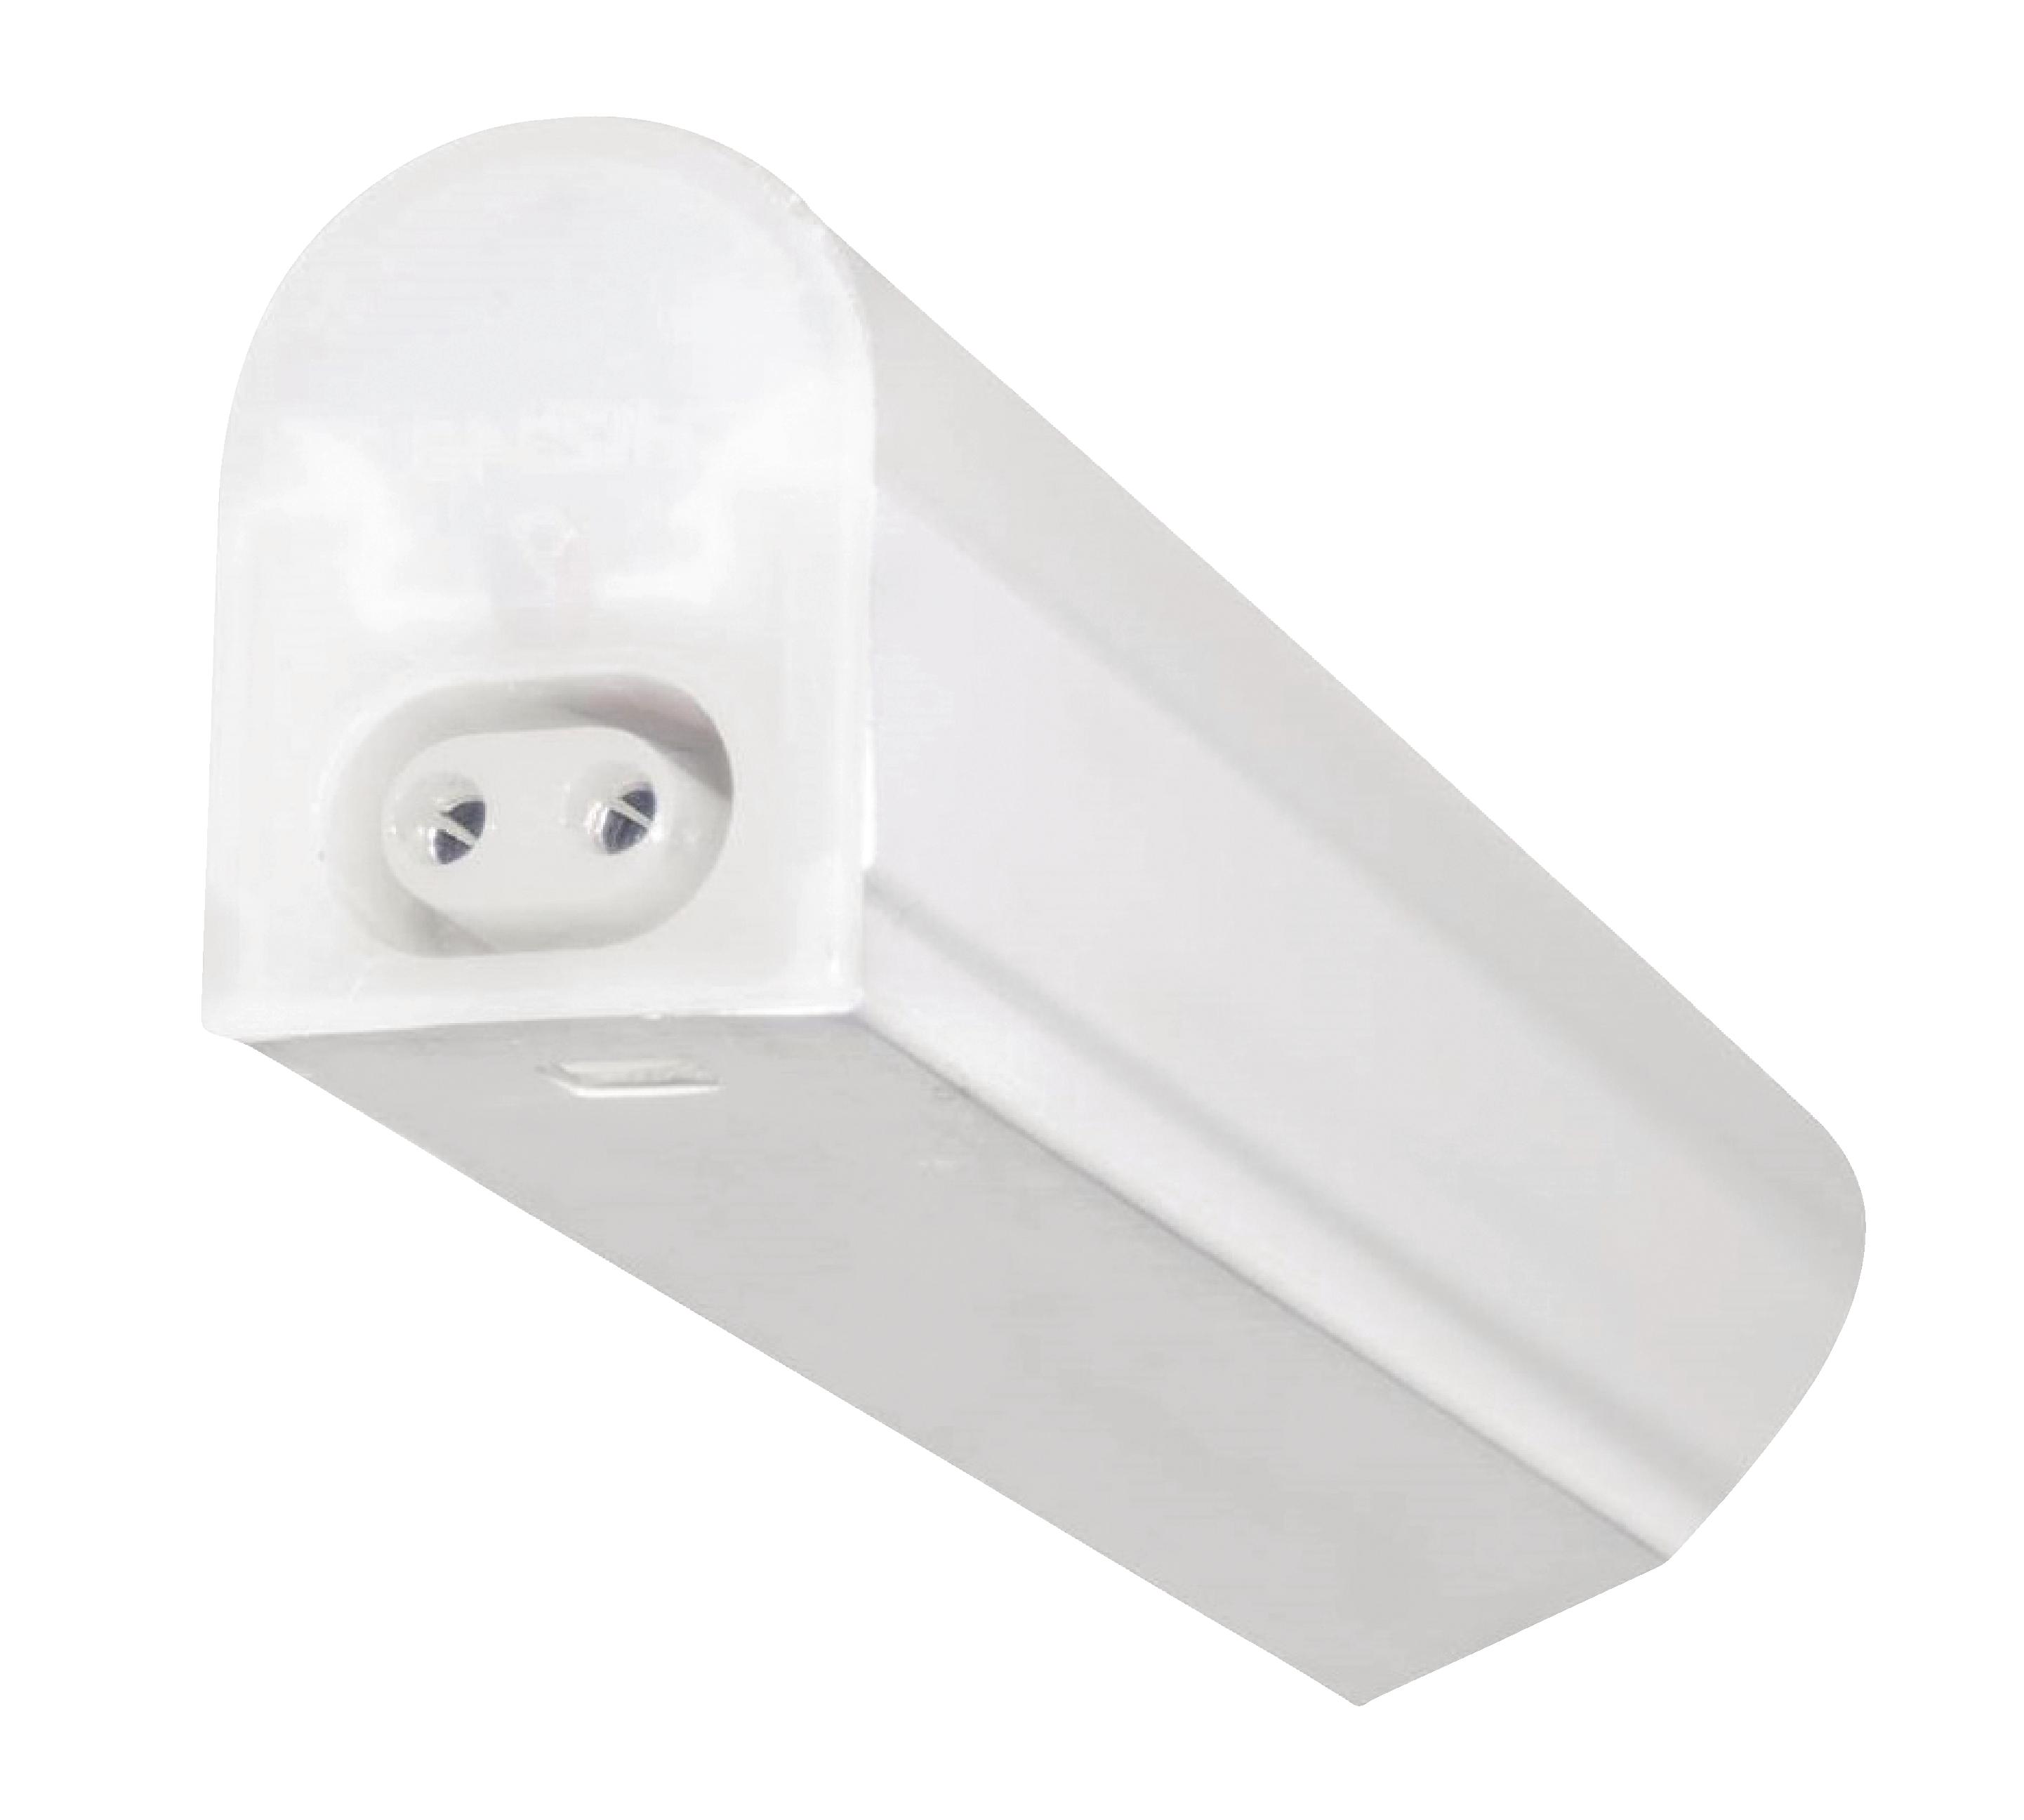 LED-Lampe Röhre 14 W 1190 lm 4000 K